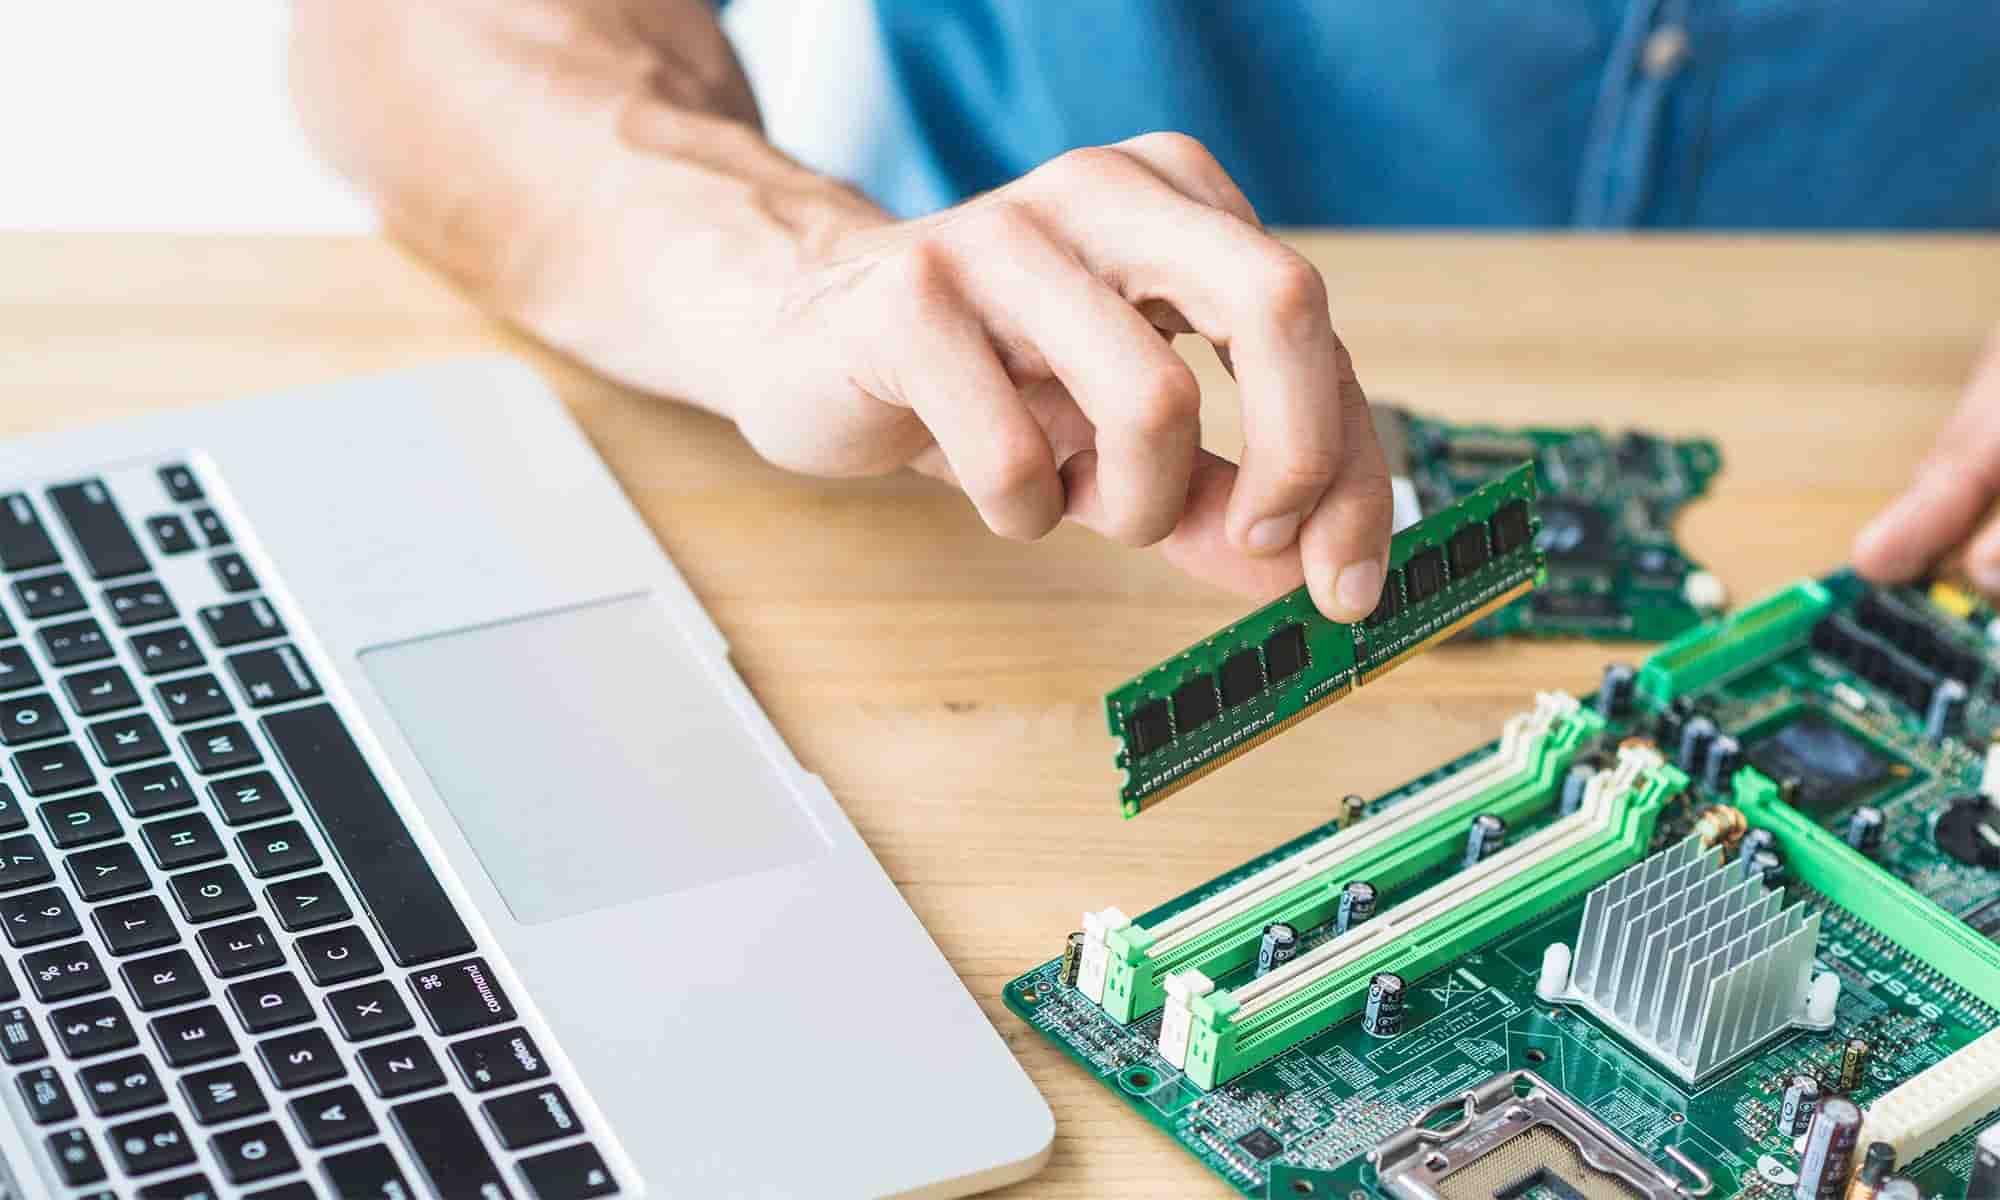 mantenimiento-informatico2-digitaldot